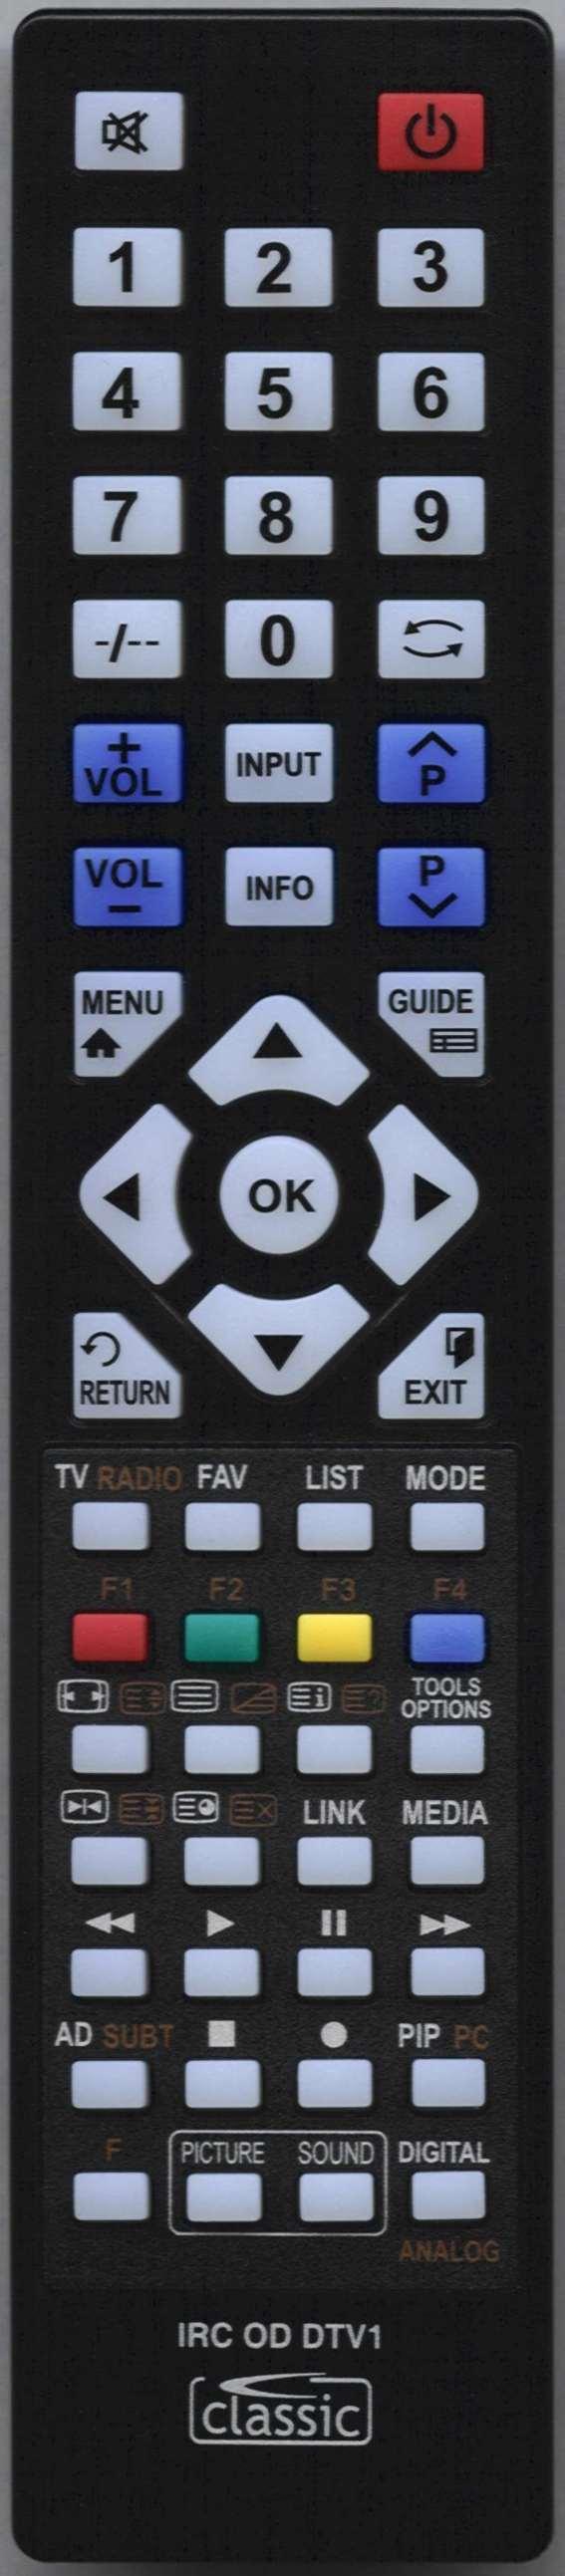 CELLO C65ANSMT-4K V2 Remote Control